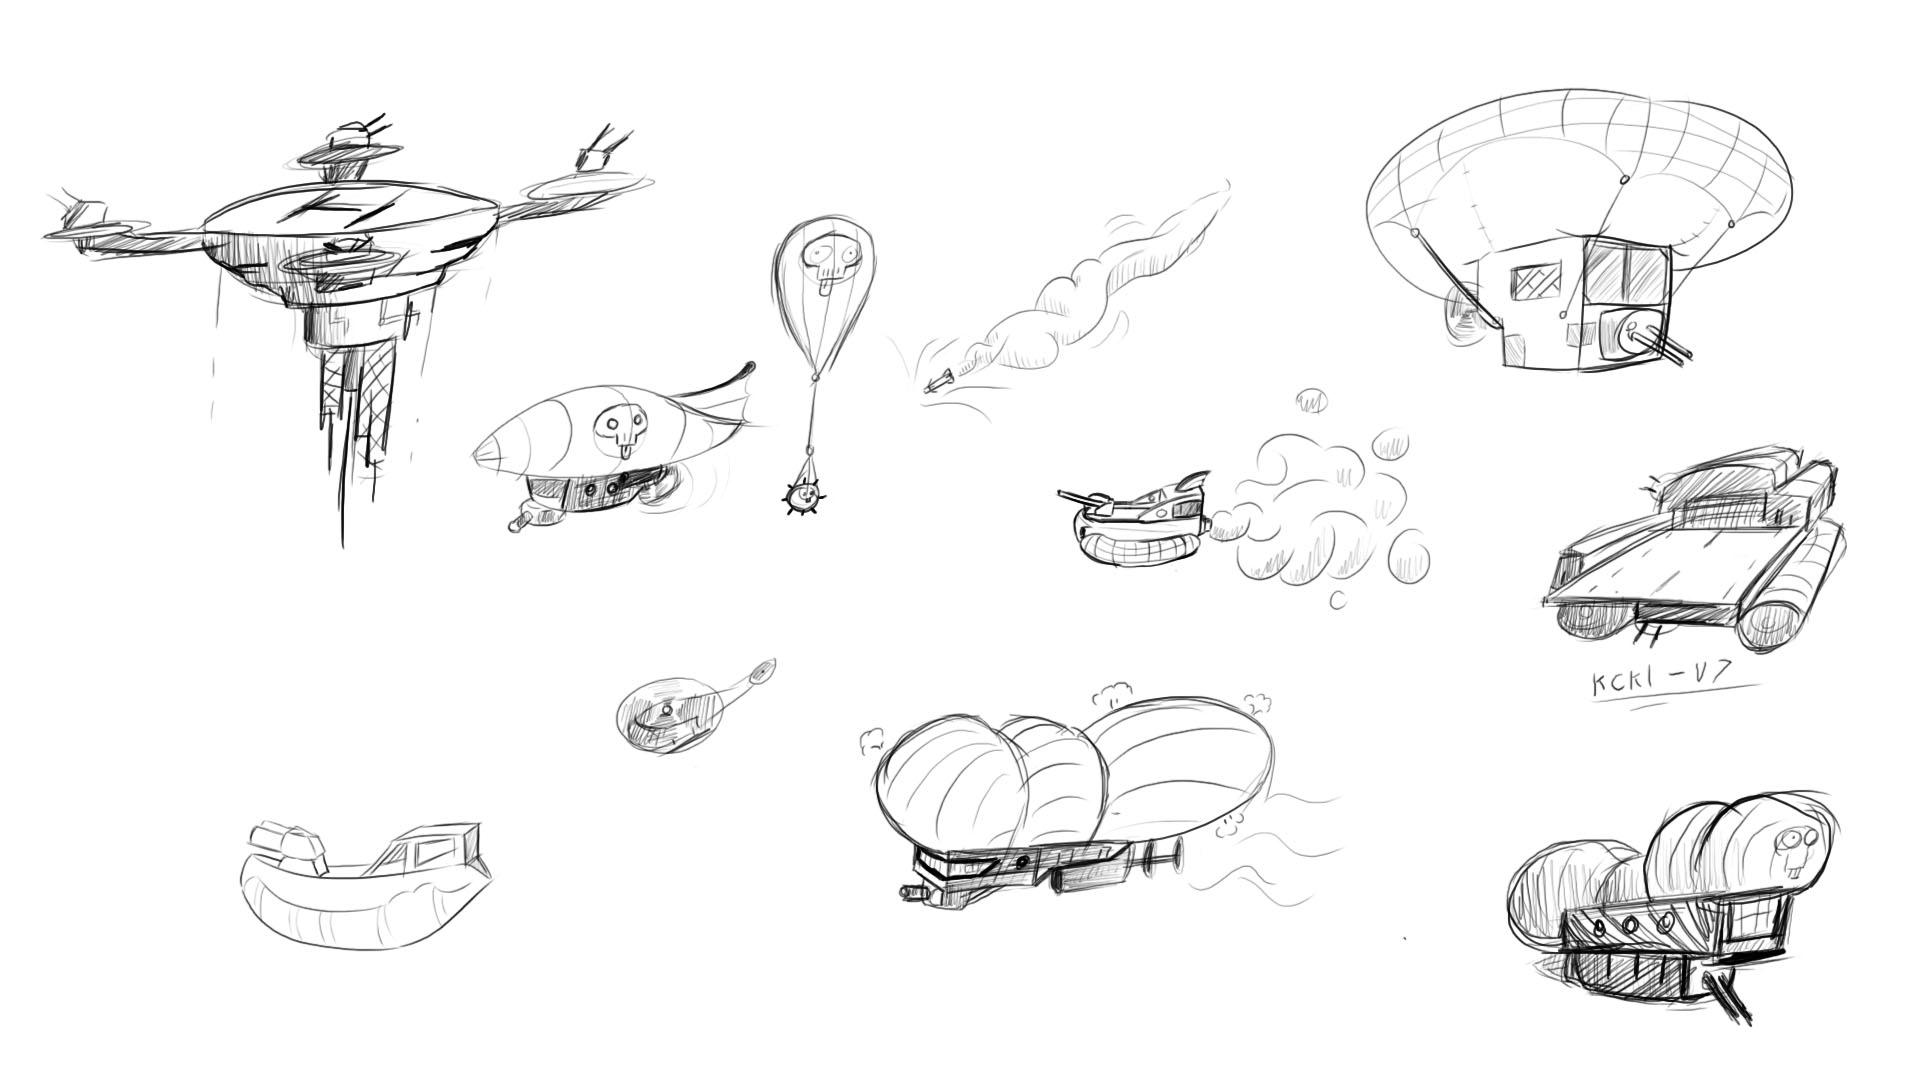 airship designes 1.jpg